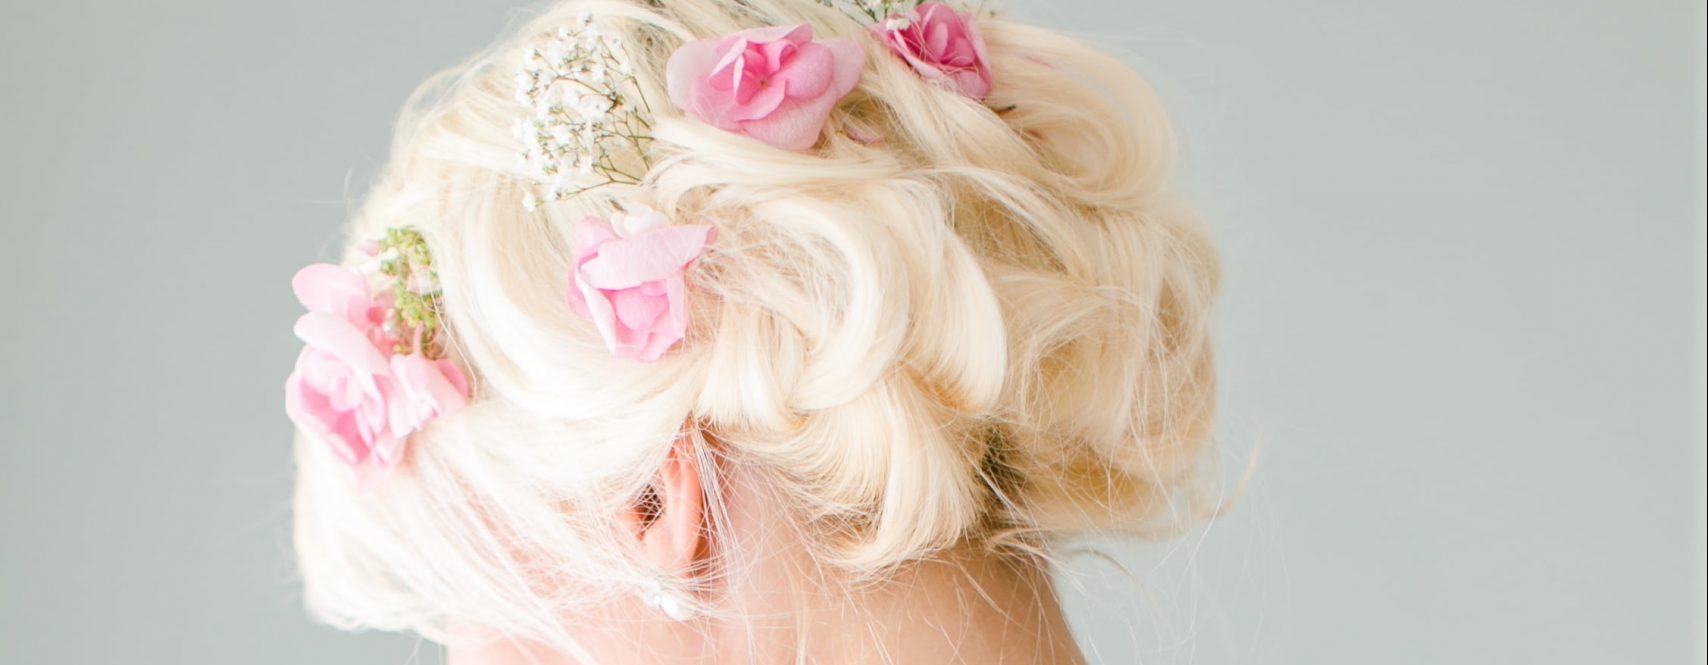 Los peinados más bonitos para tu boda